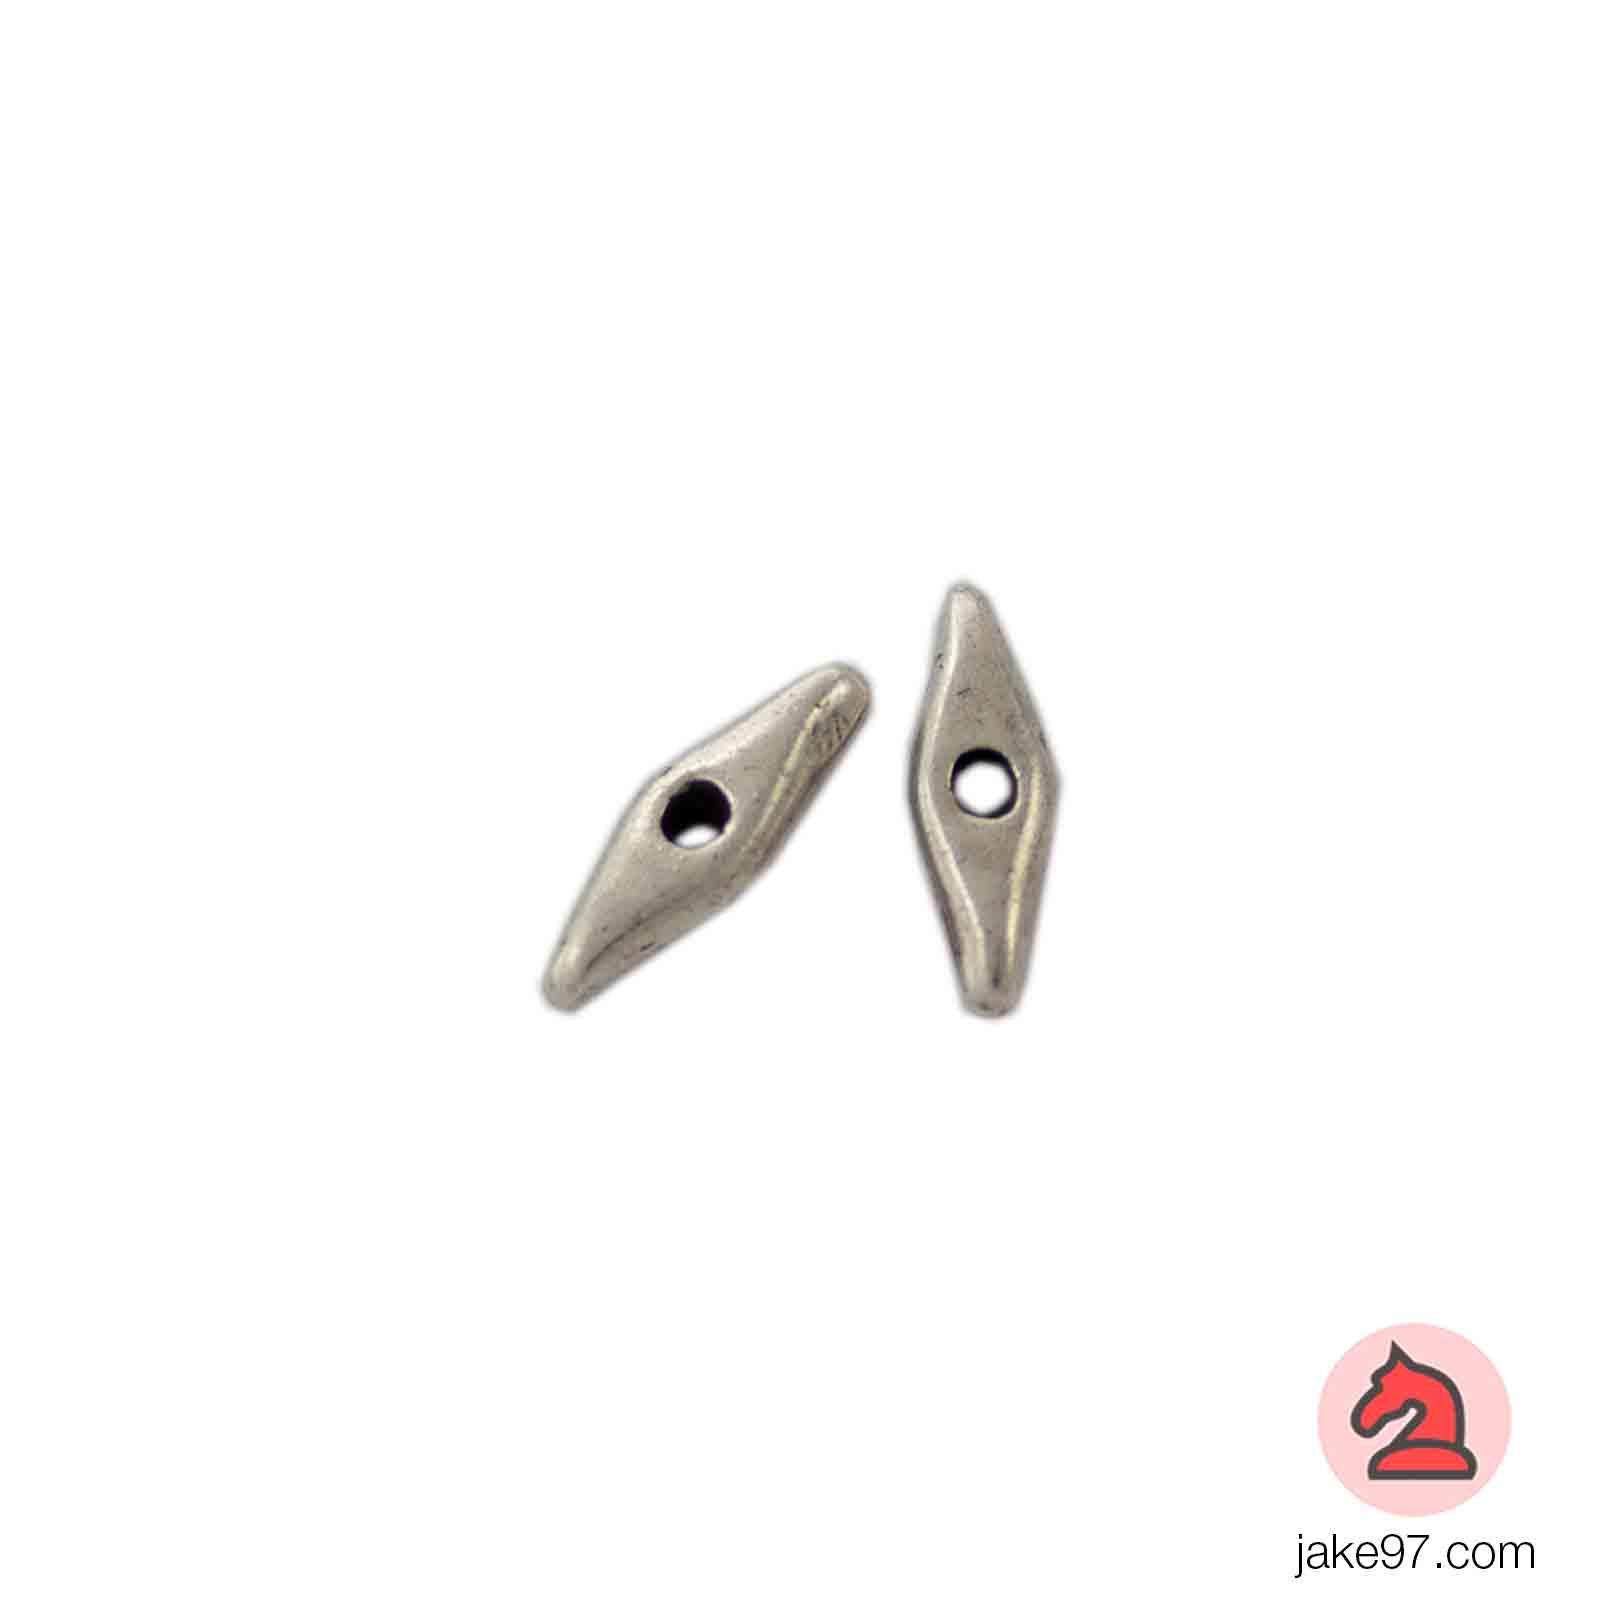 Lágrima Grande - Paquete de 30 unidades Tamaño apróx 21X5 mm, taladro de 2 mm